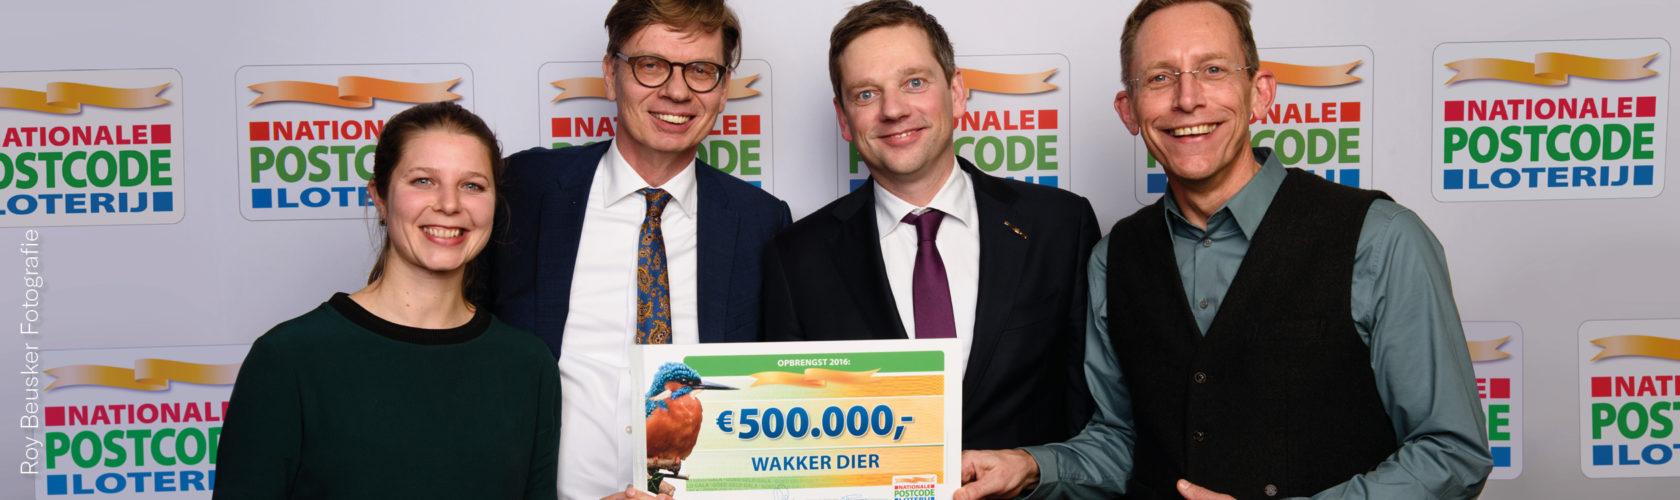 WD_Website_header_Loterij1